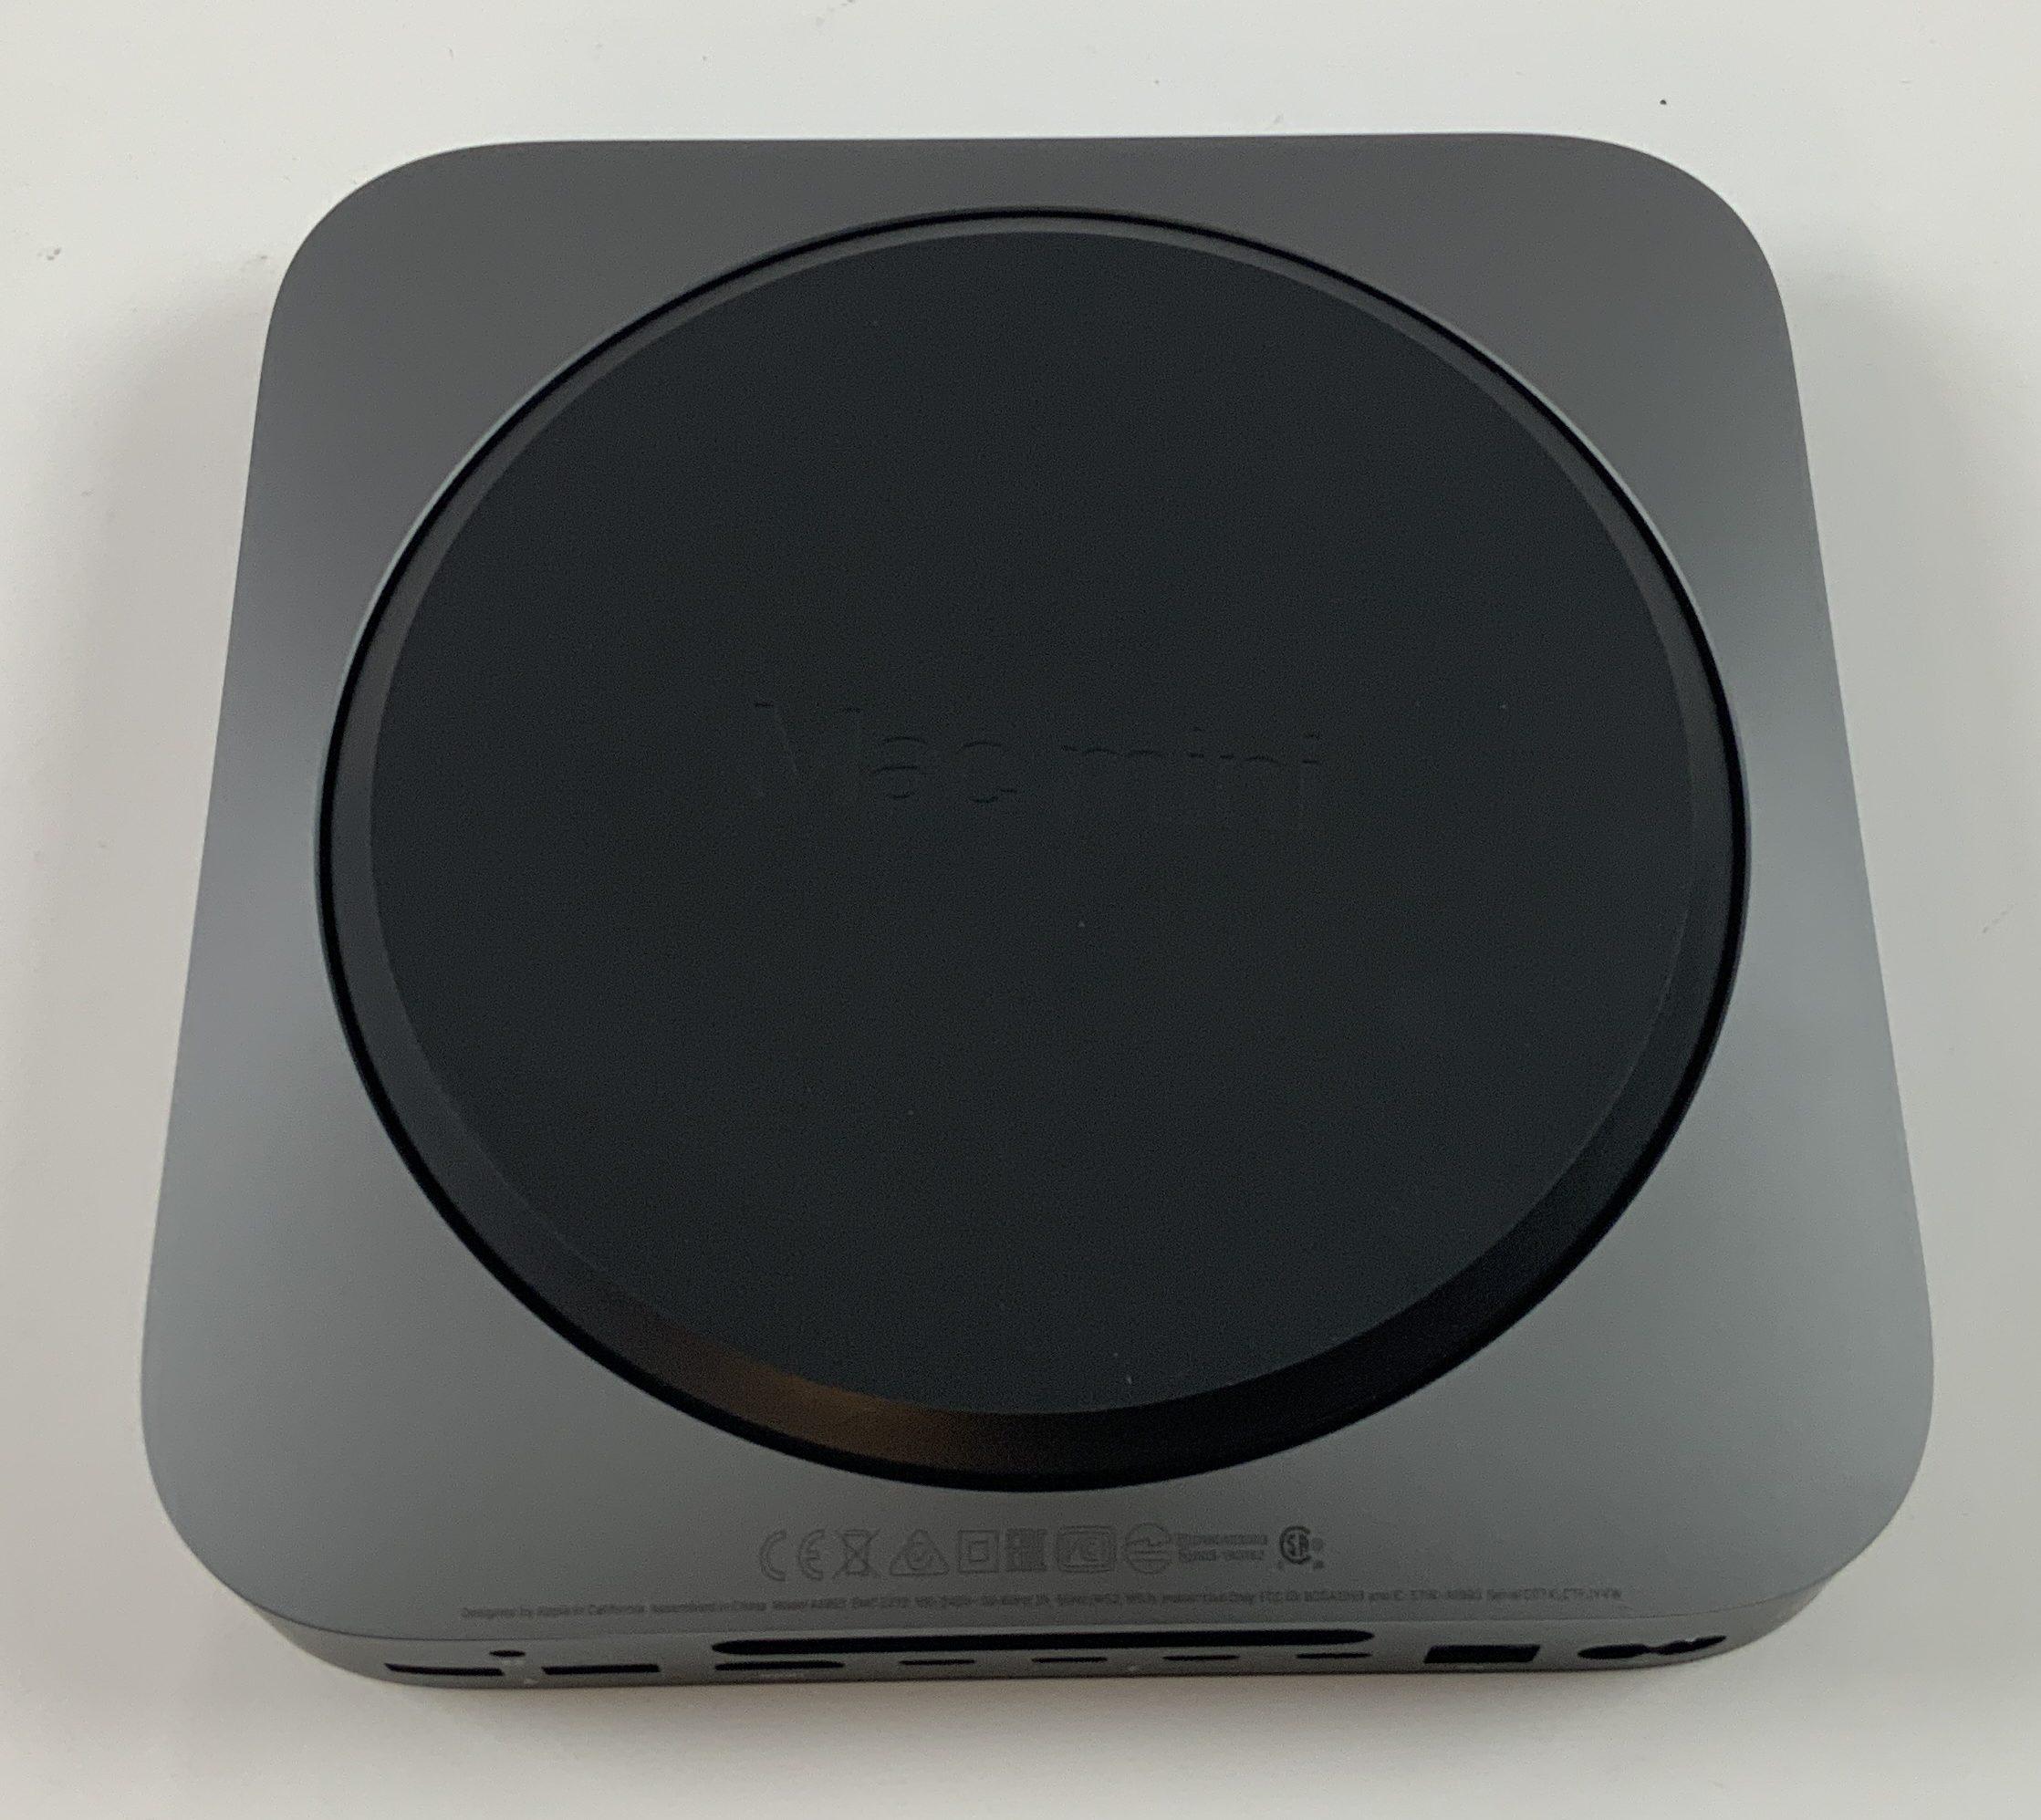 Mac Mini Late 2018 (Intel Quad-Core i3 3.6 GHz 8 GB RAM 128 GB SSD), Intel Quad-Core i3 3.6 GHz, 8 GB RAM, 128 GB SSD, bild 2